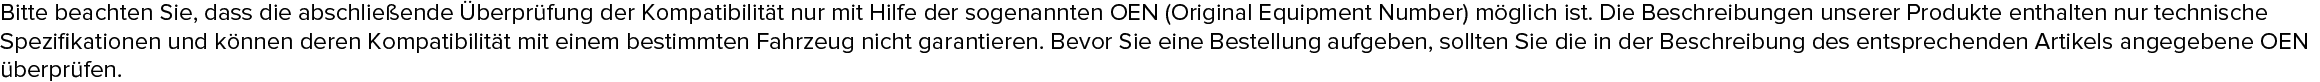 MANN-FILTER 8K0 127 400, 8K0 127 400 A, 8K0 127 400 C, 8T0 127 401 A Kraftstofffilter